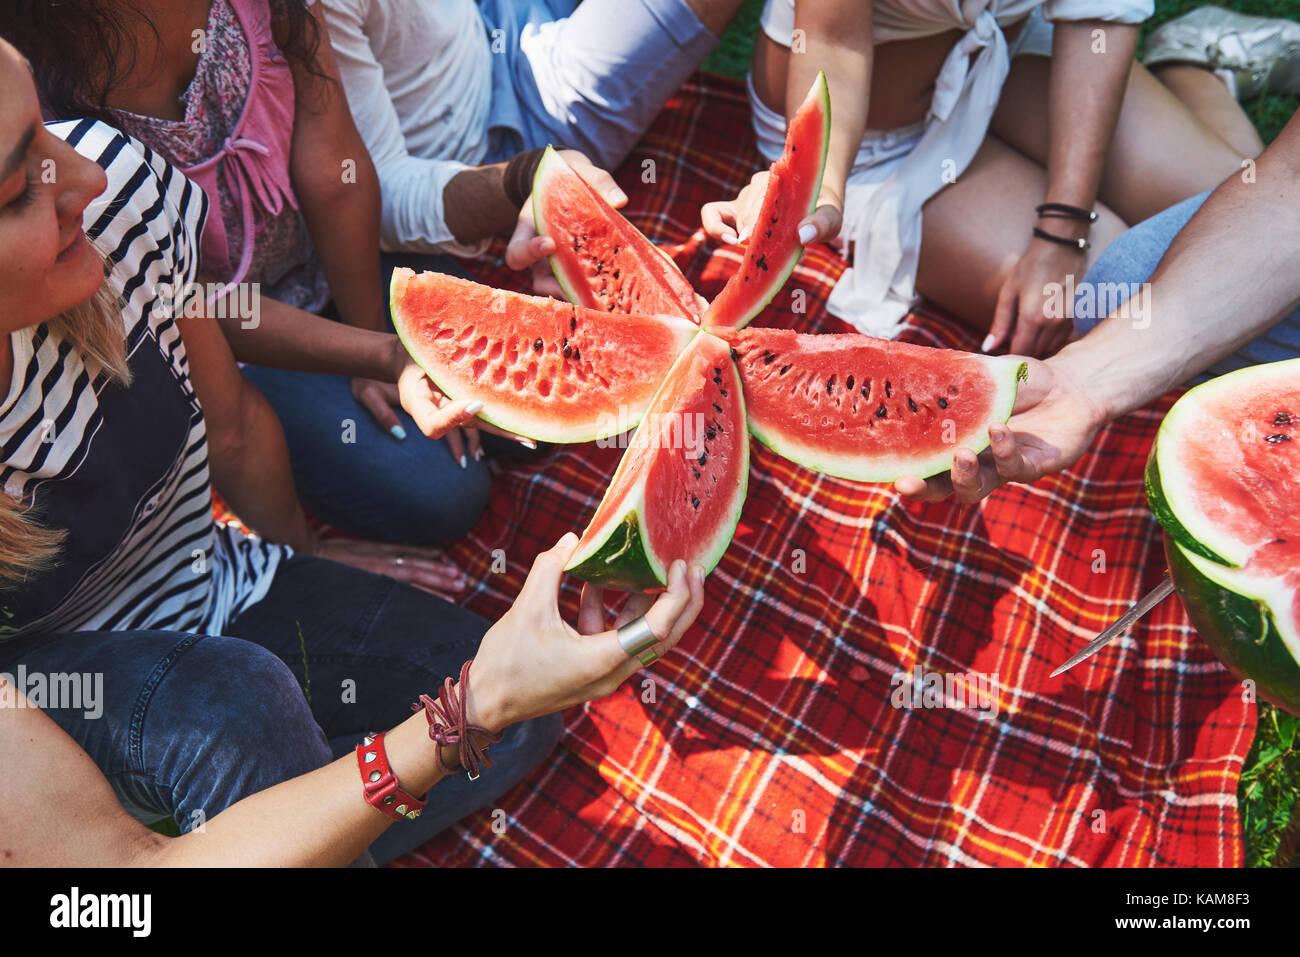 Allegro amici godendo di anguria su picnic sulla soleggiata giornata estiva Immagini Stock